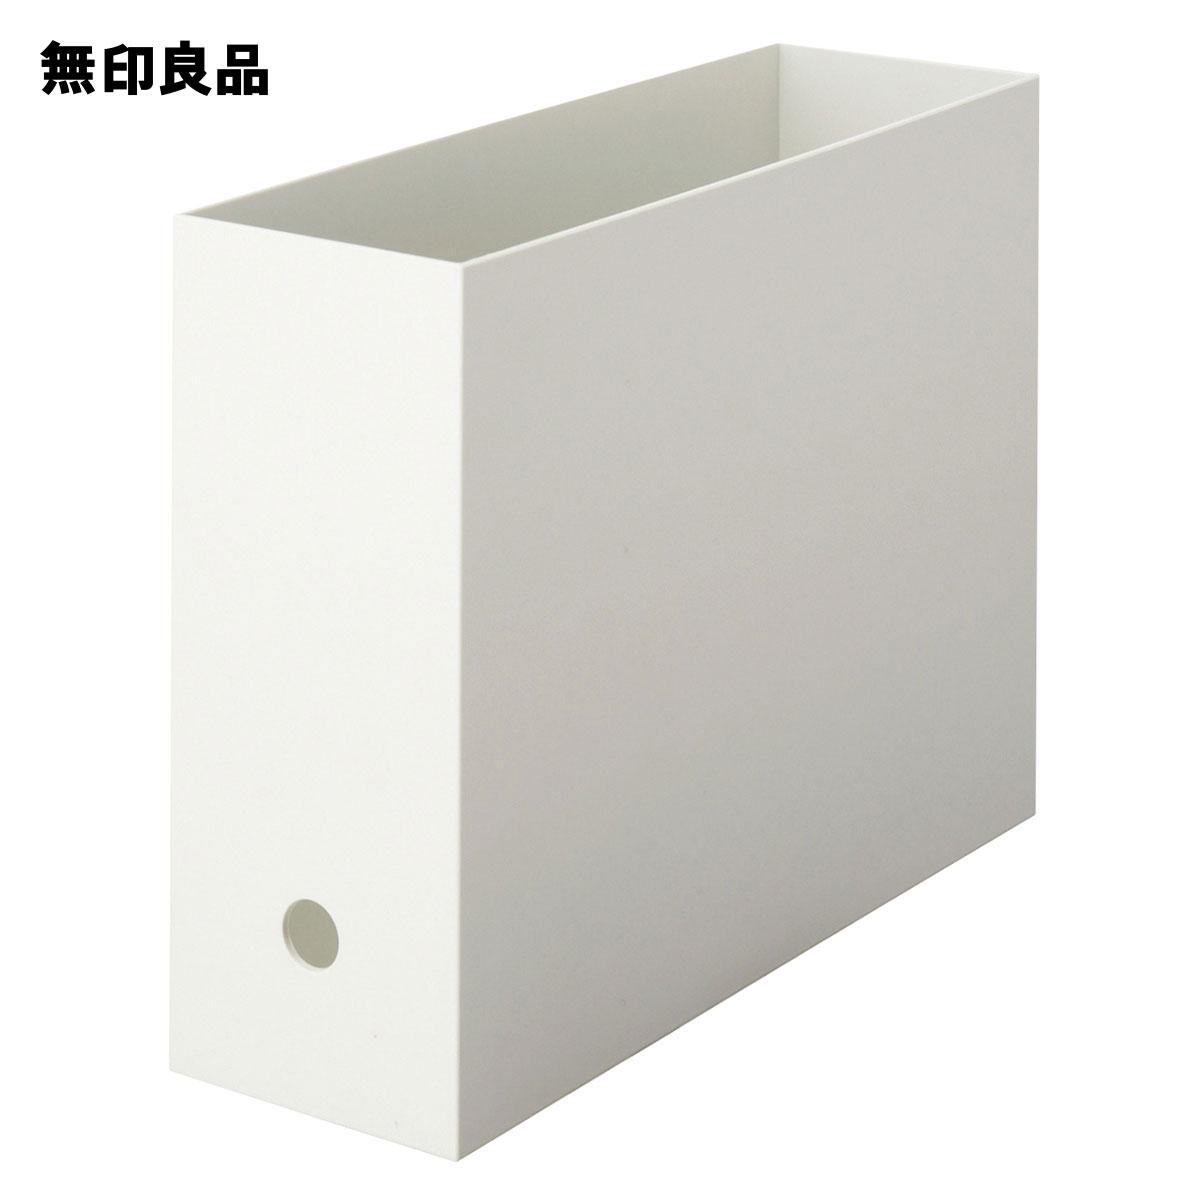 【無印良品 公式】 ポリプロピレンファイルボックス・スタンダードタイプ・A4用・ホワイトグレー